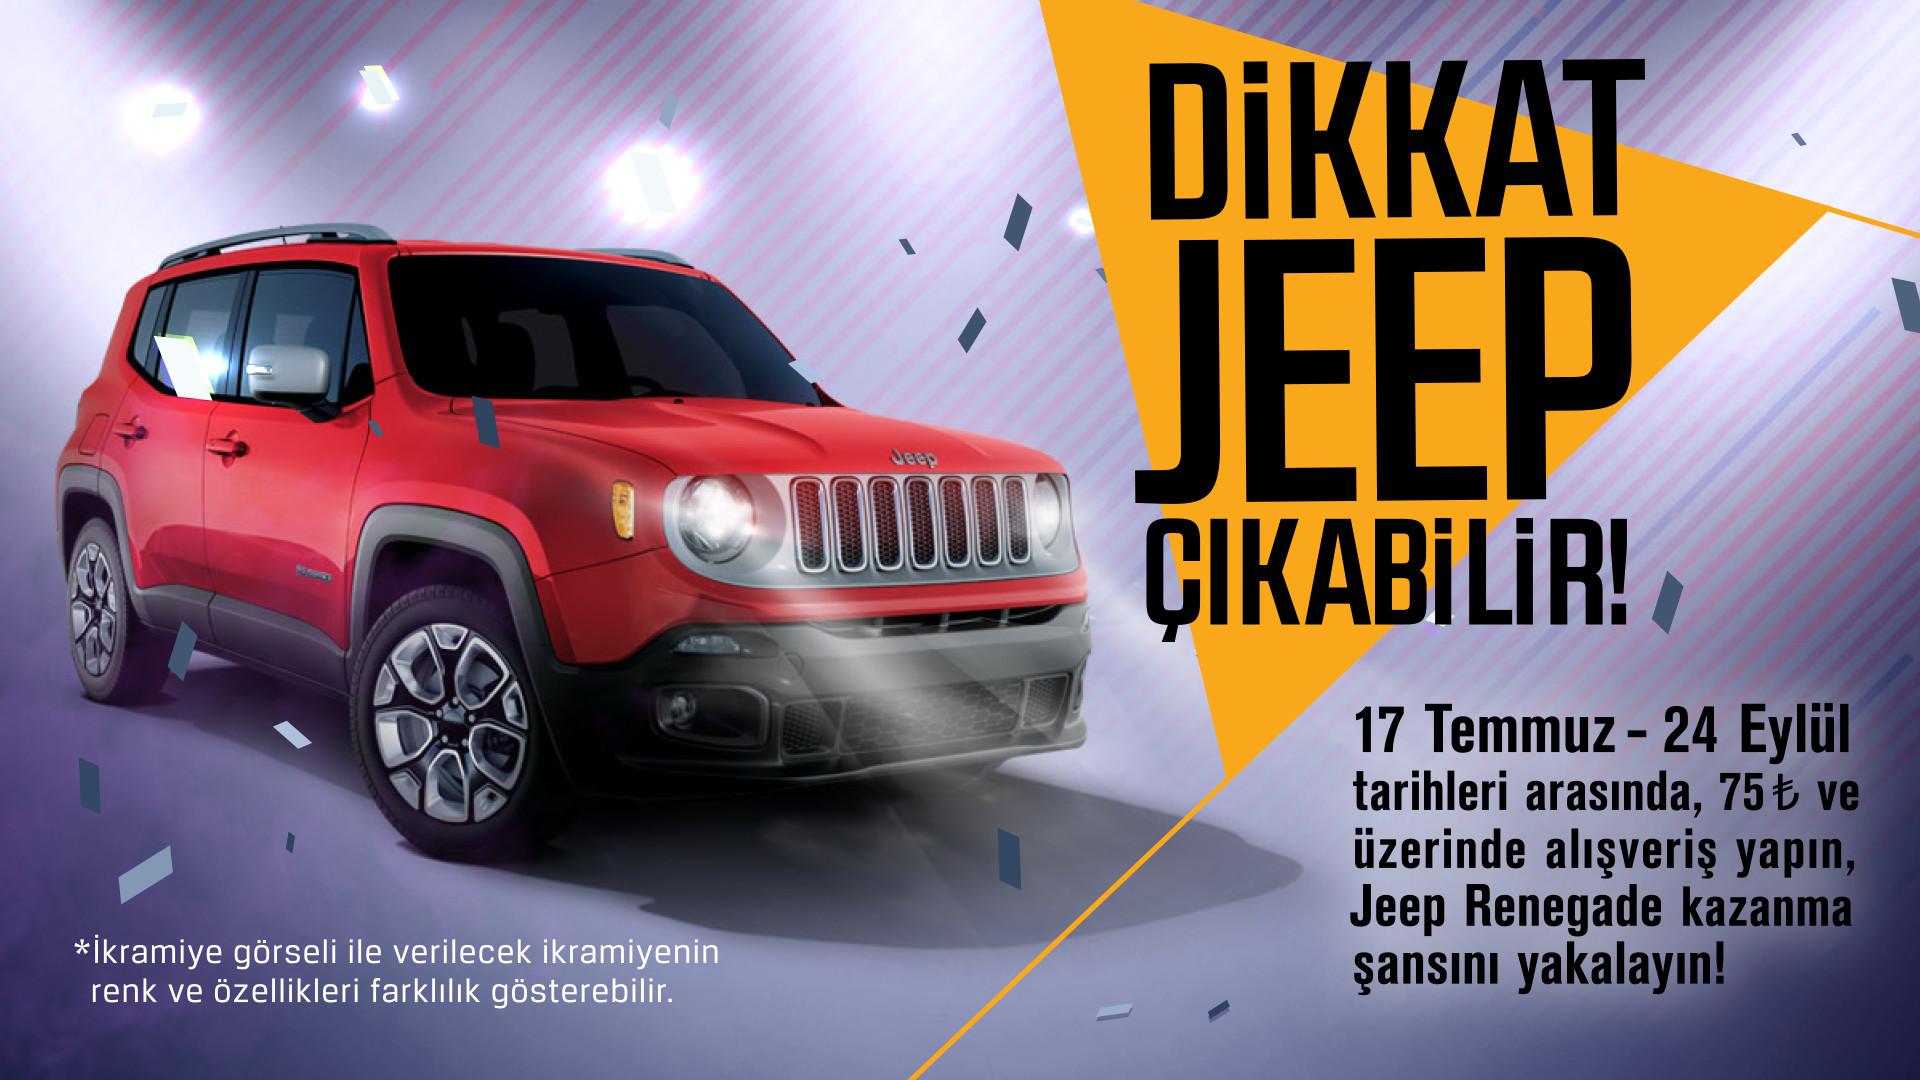 Dikkat Jeep Çıkabilir